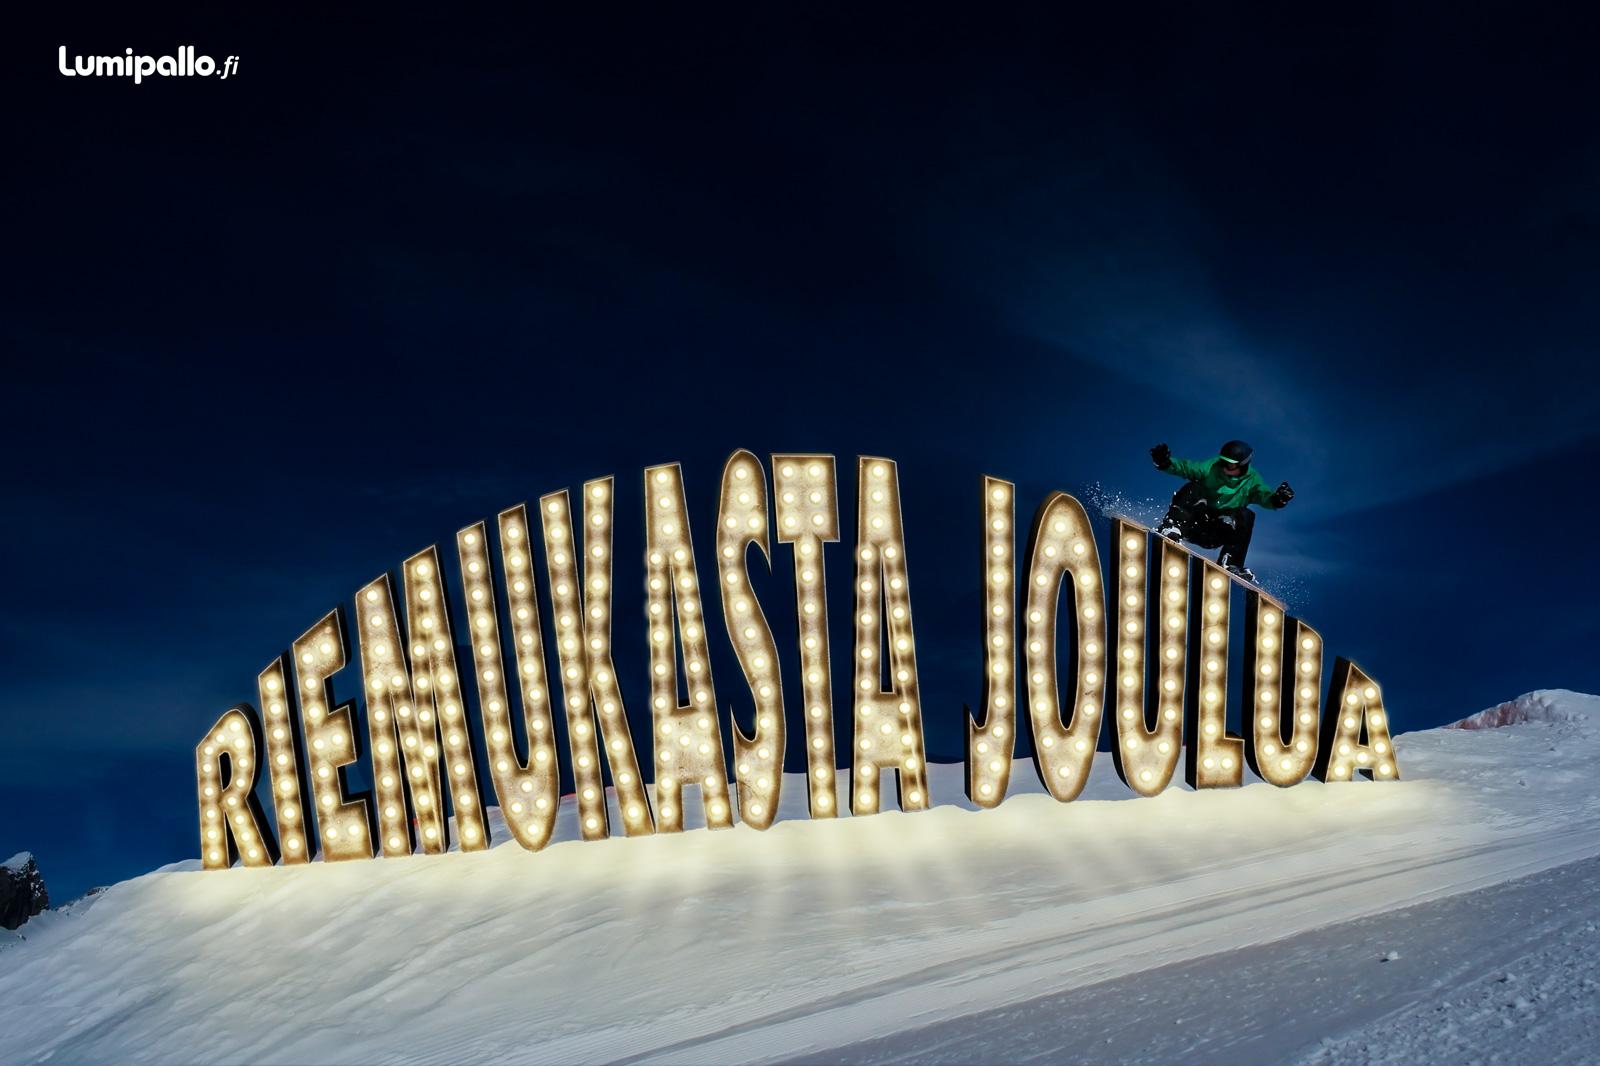 Valokyltti tekstillä - Riemukasta joulua.